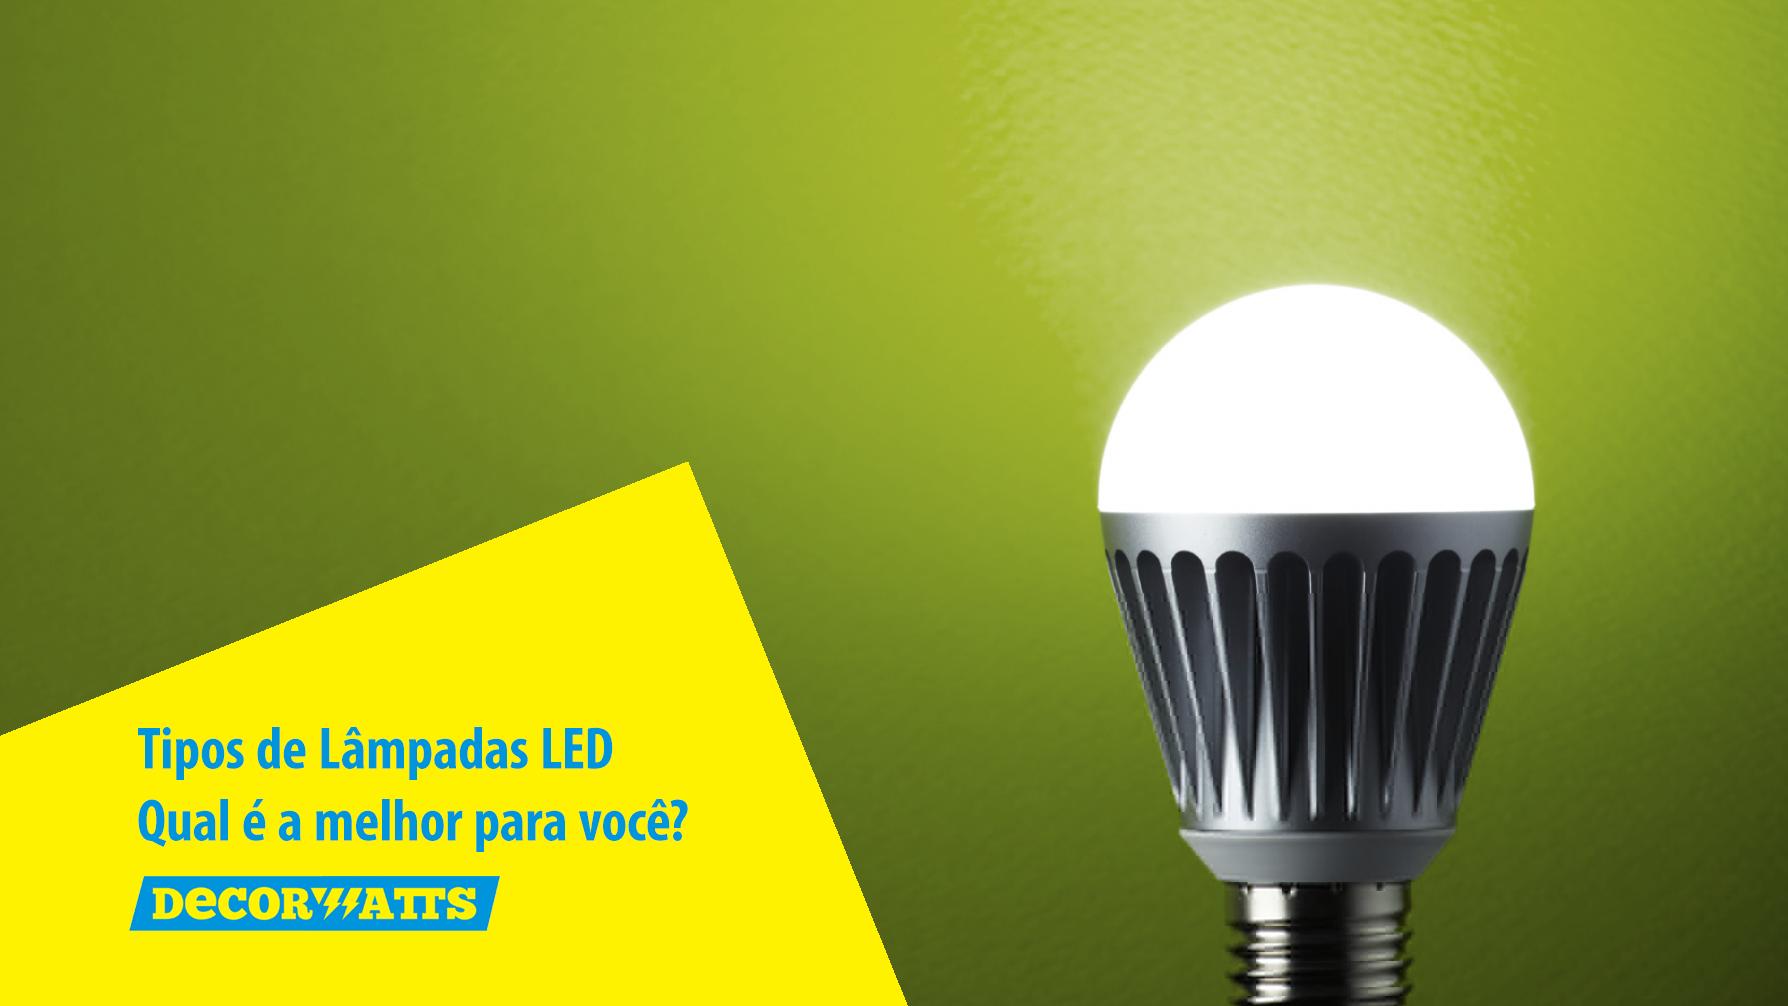 Lampada led tubular equivalente w: compre e e smd w modos de efeito